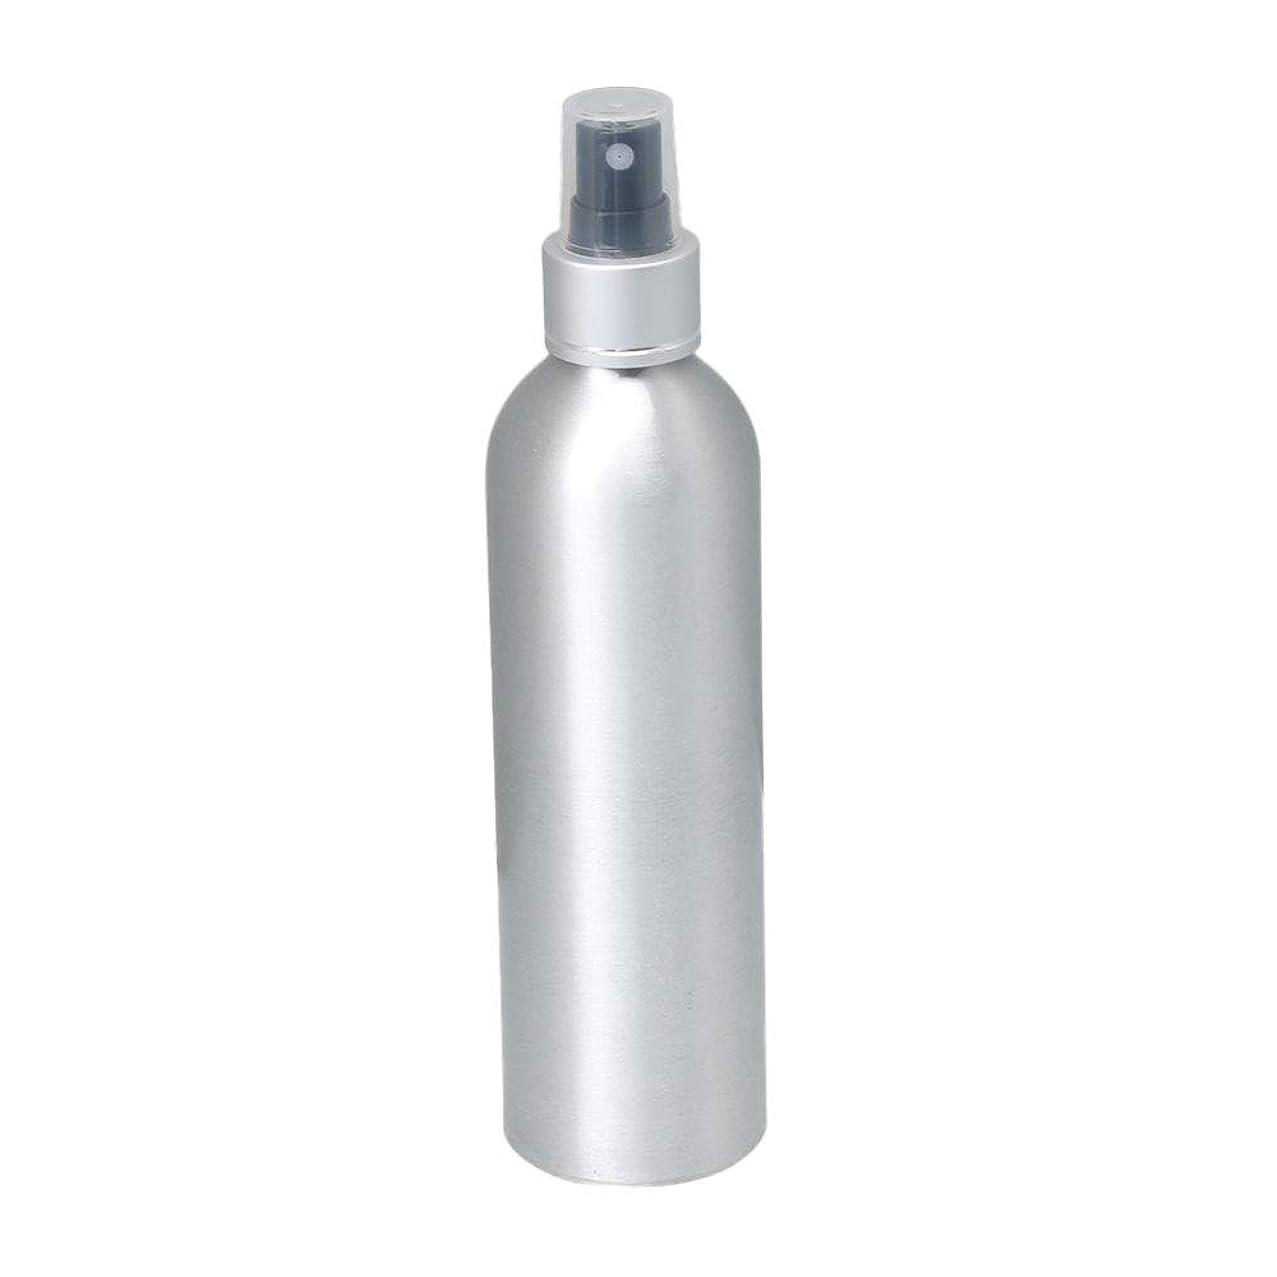 剛性損失勘違いする250ml アルミ スプレーボトル 噴霧器 美容ボトル 小分け容器 化粧水 漏れ防止 女性用 香水ボトル 0.1-0.15 ml/t ブラックノズル